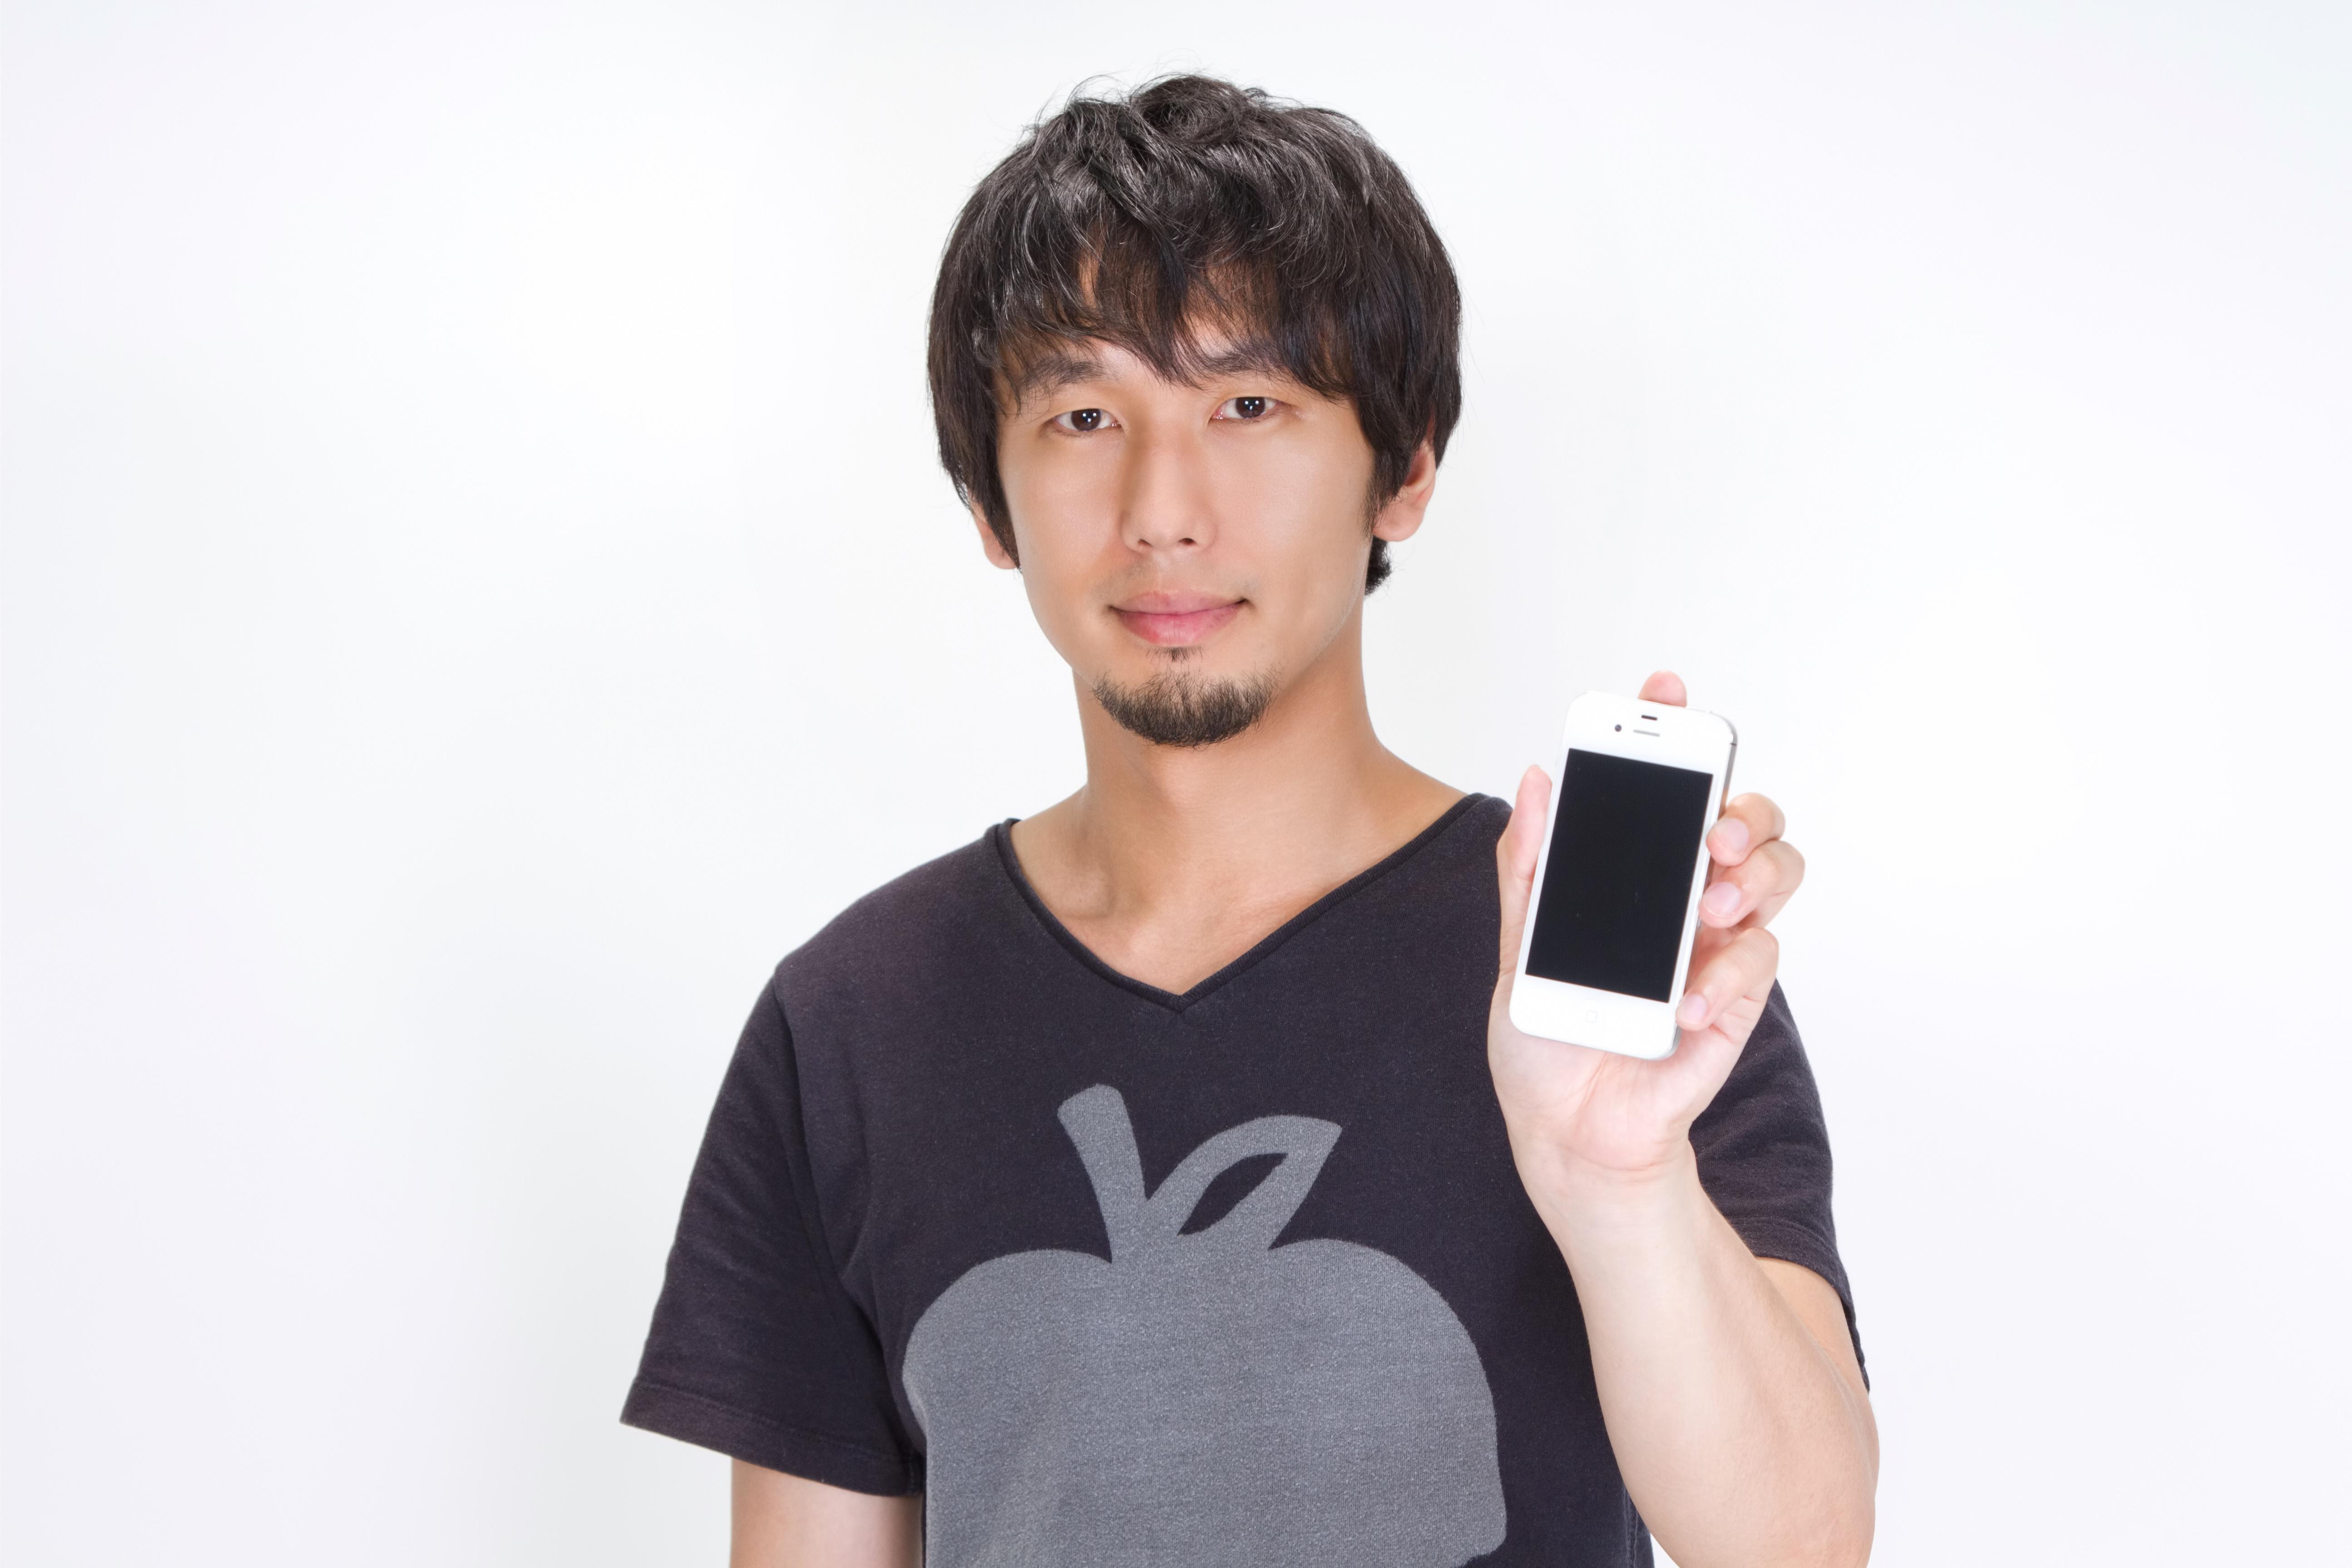 機種変更した後のスマホの使い道【iPhone/Android】